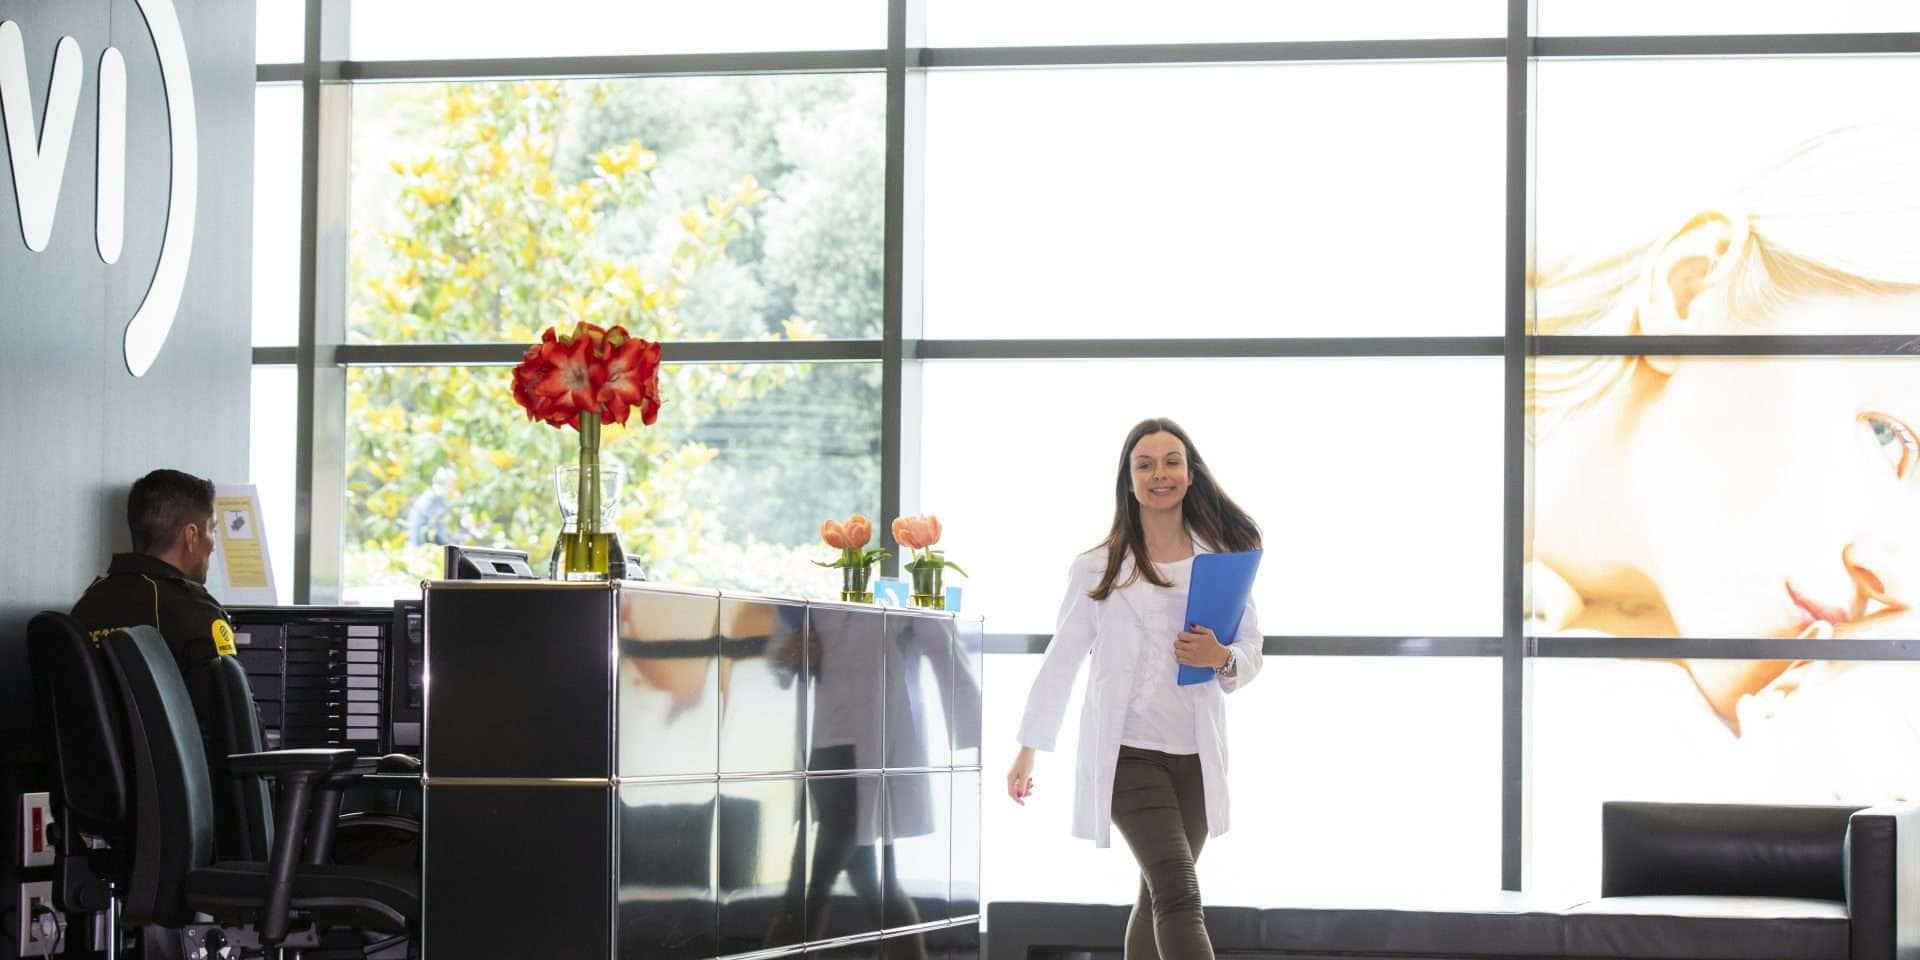 Instalaciones clínica de fertilidad Salamanca